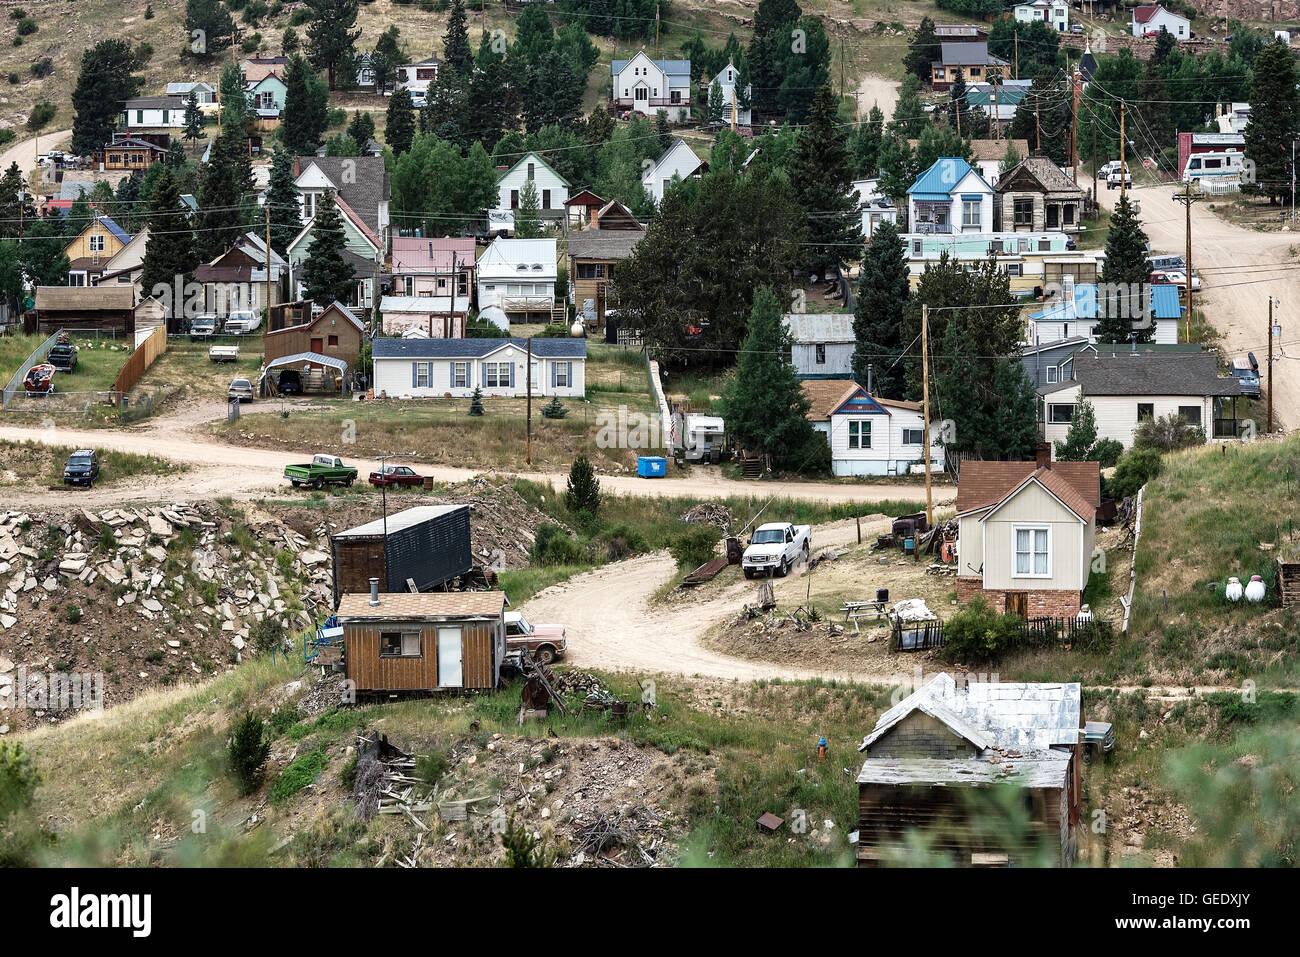 Logements pour les personnes à faible revenu dans la ville minière de Victor, Colorado, USA. Photo Stock